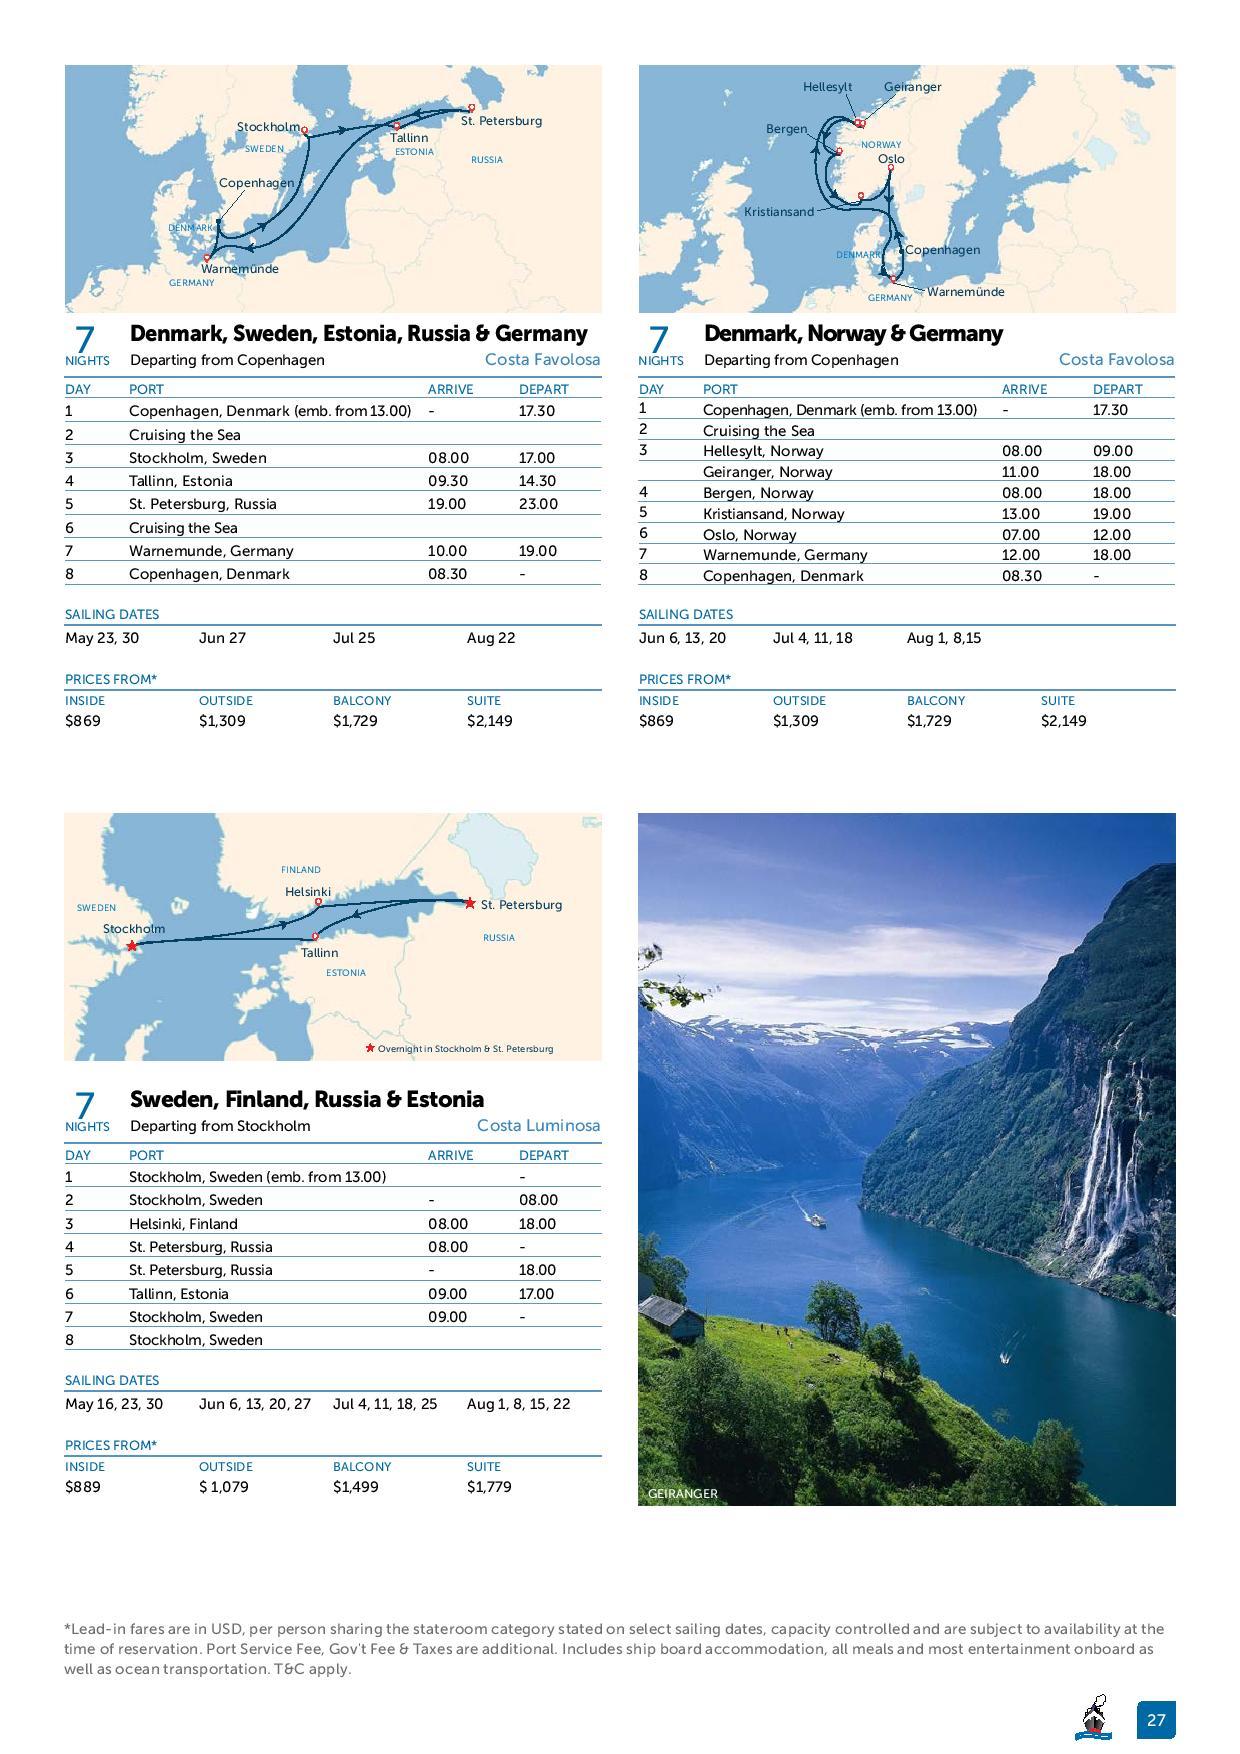 publication-page-027